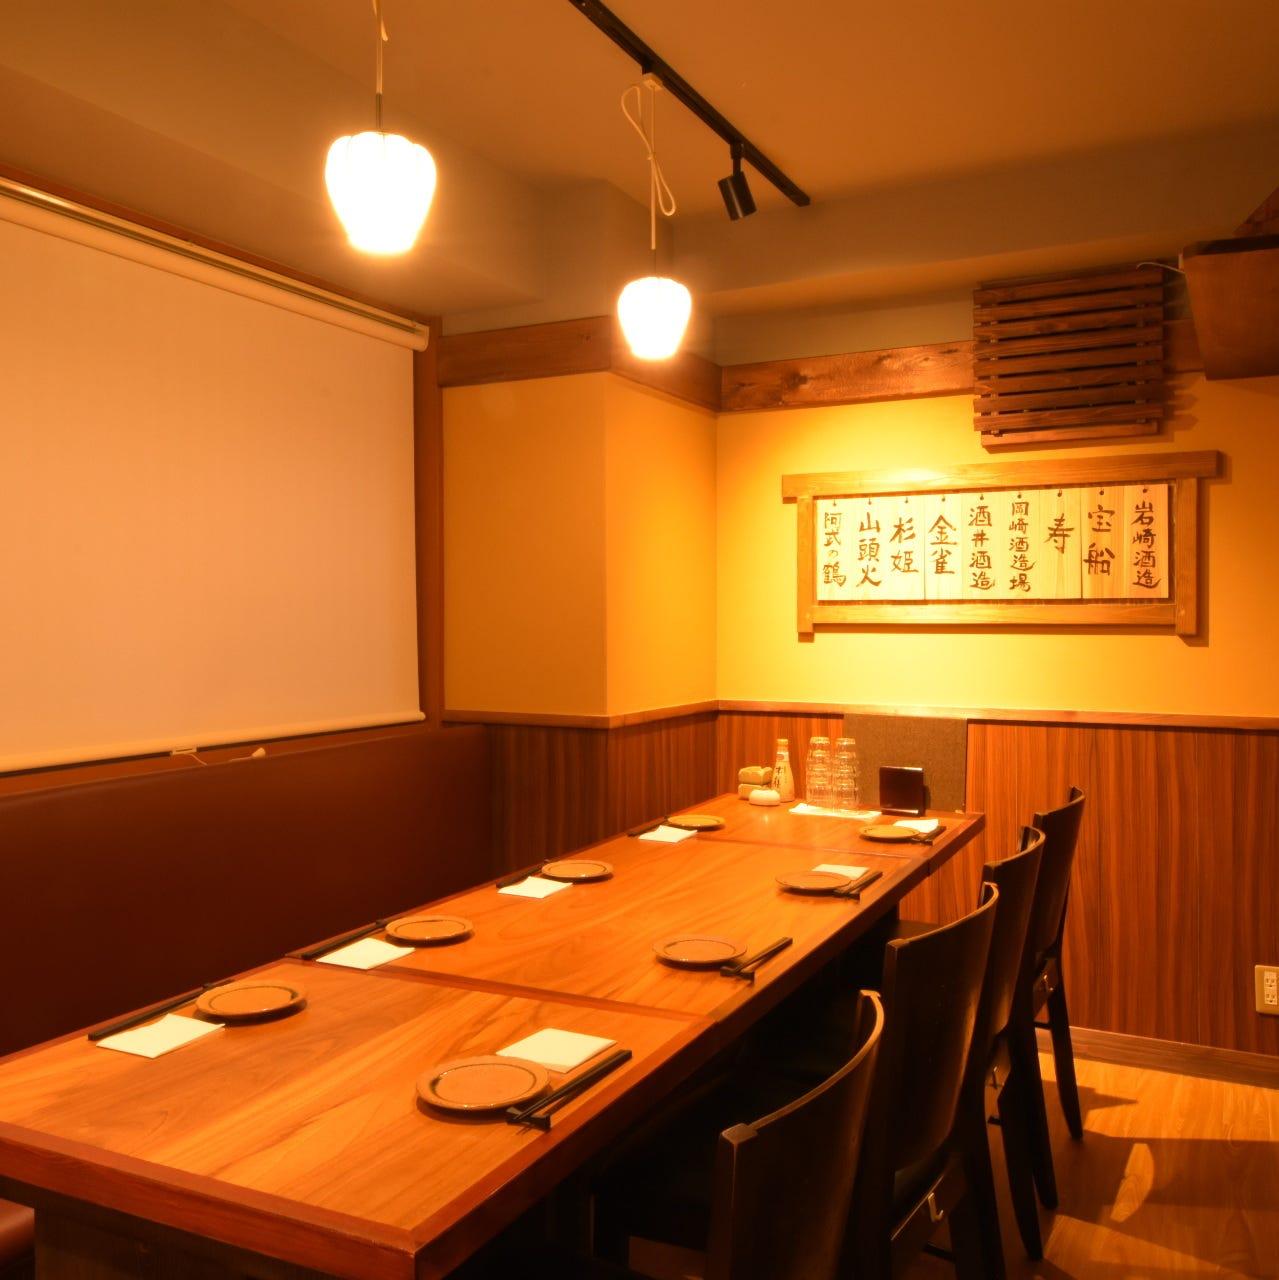 テーブル席・完全個室(壁・扉あり)・12名様~14名様